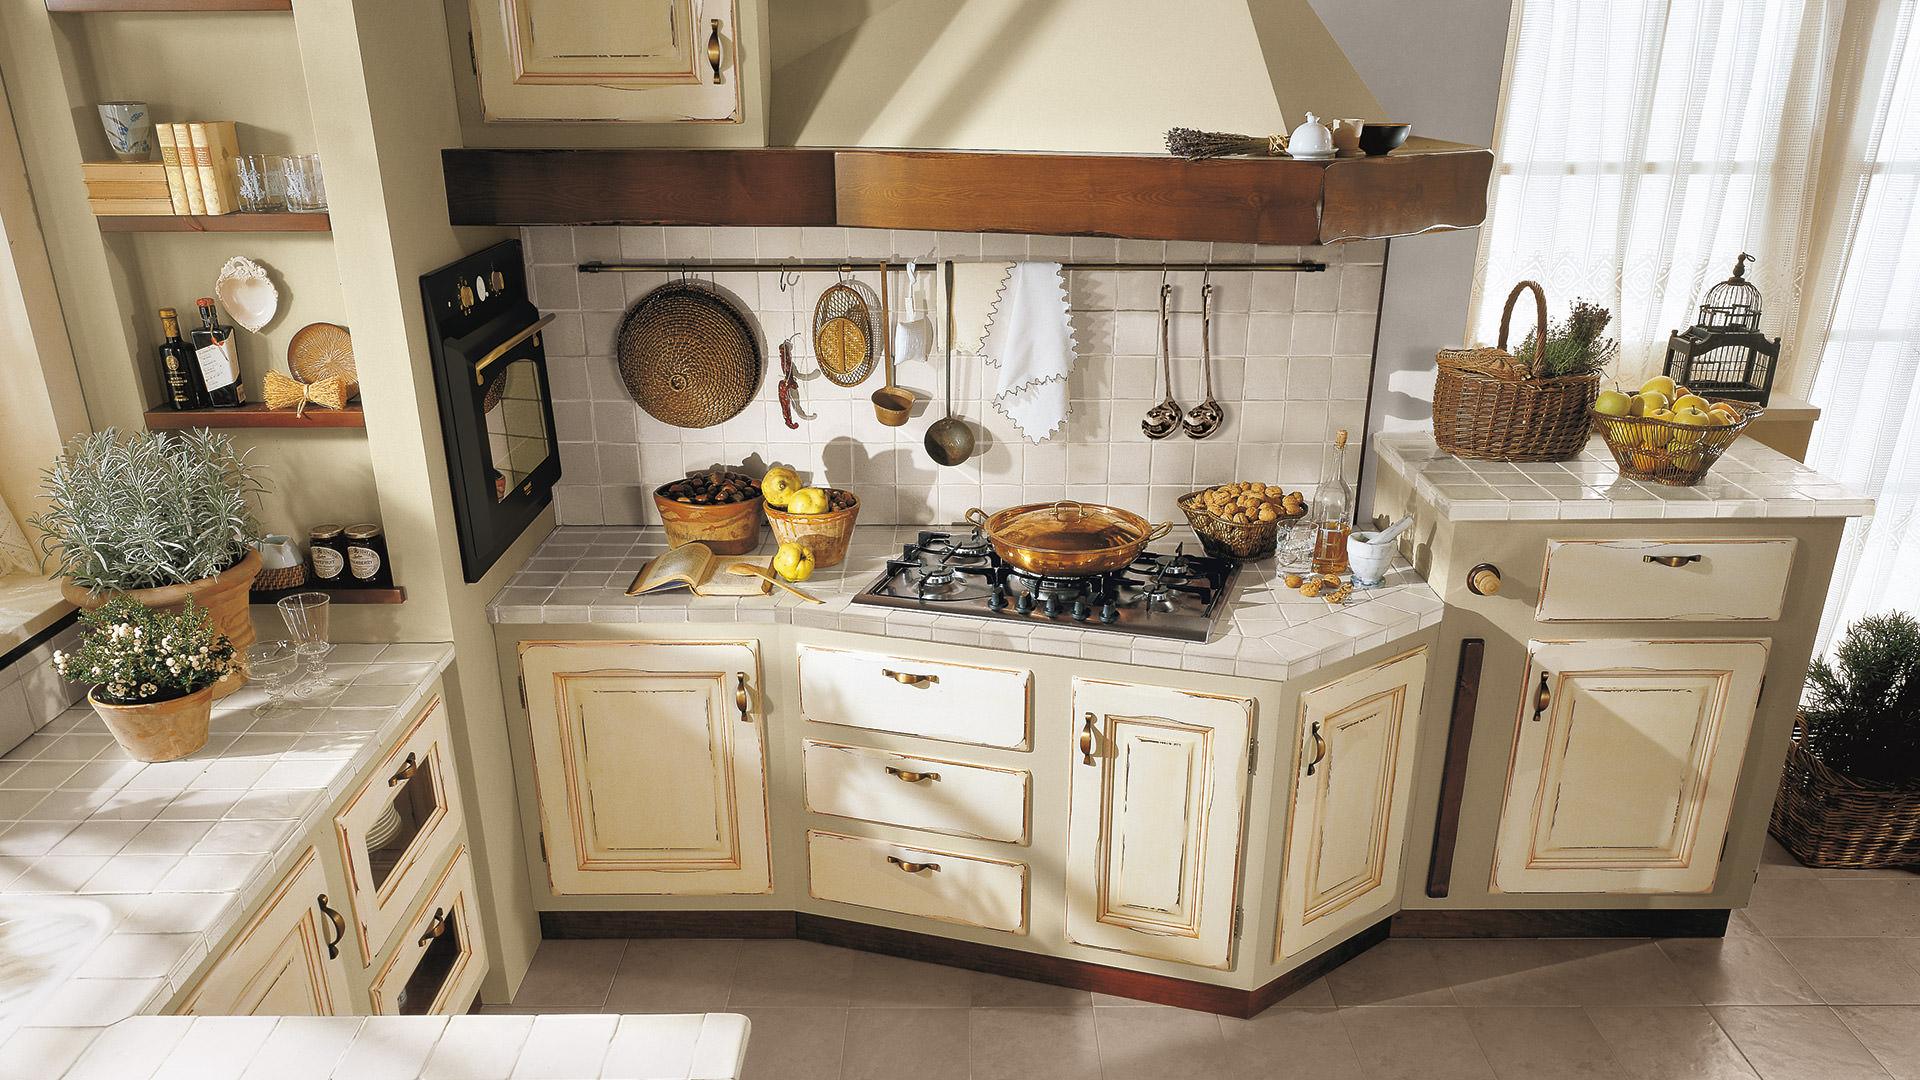 Cucina lube classica contemporanea onelia 2 rafaschieri arredamenti - Cucina classica contemporanea ...